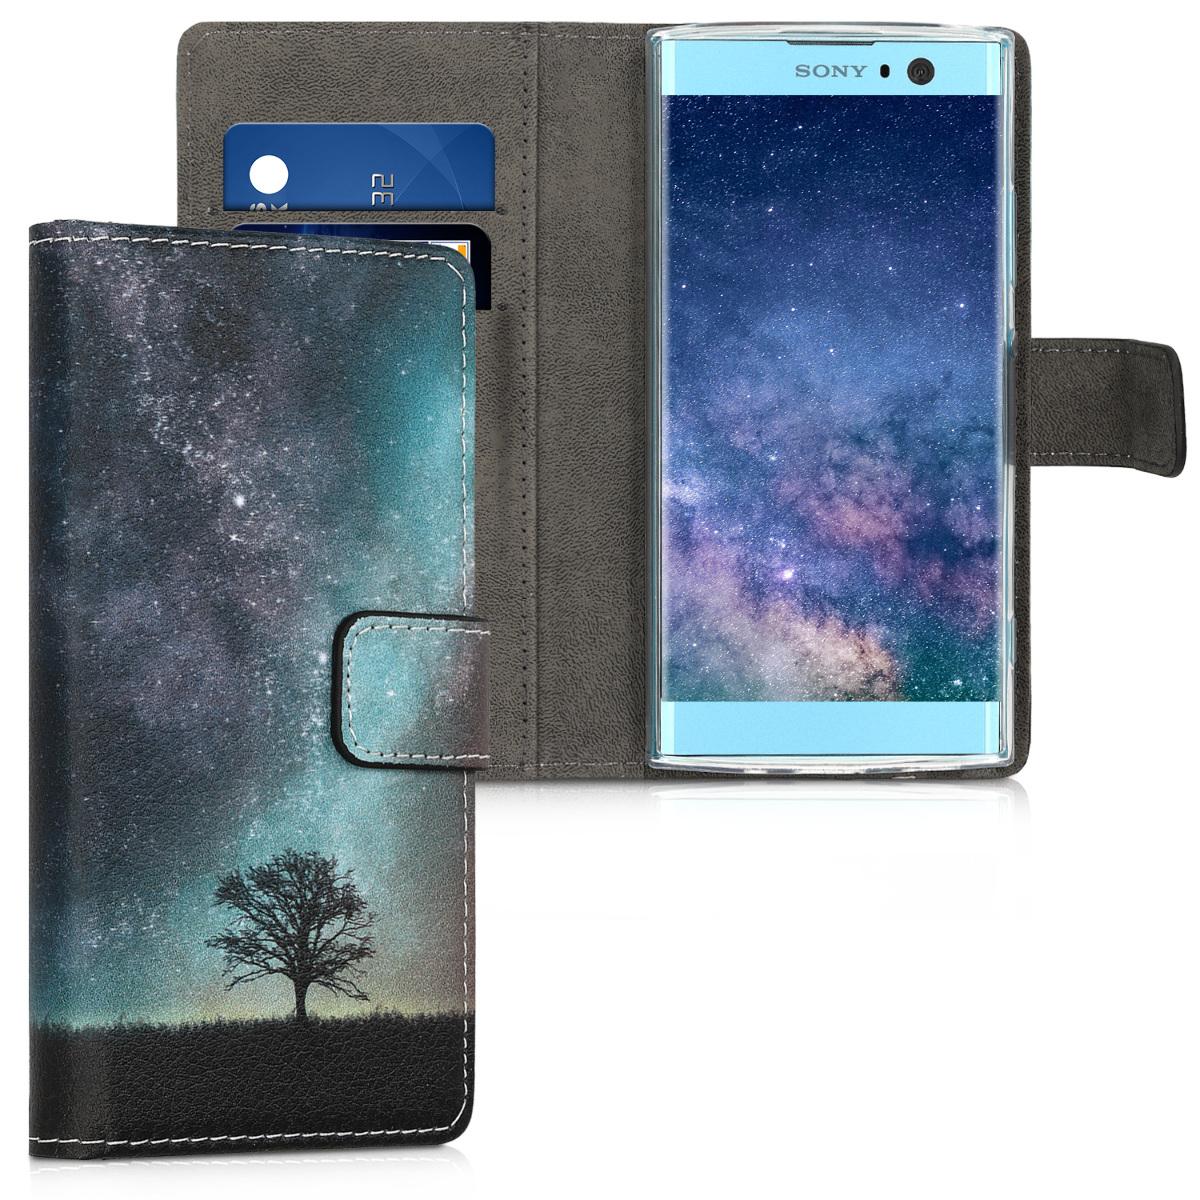 Kožené pouzdro | obal pro Sony Xperia XA2 - vesmírné příroda modré / šedé/ černé